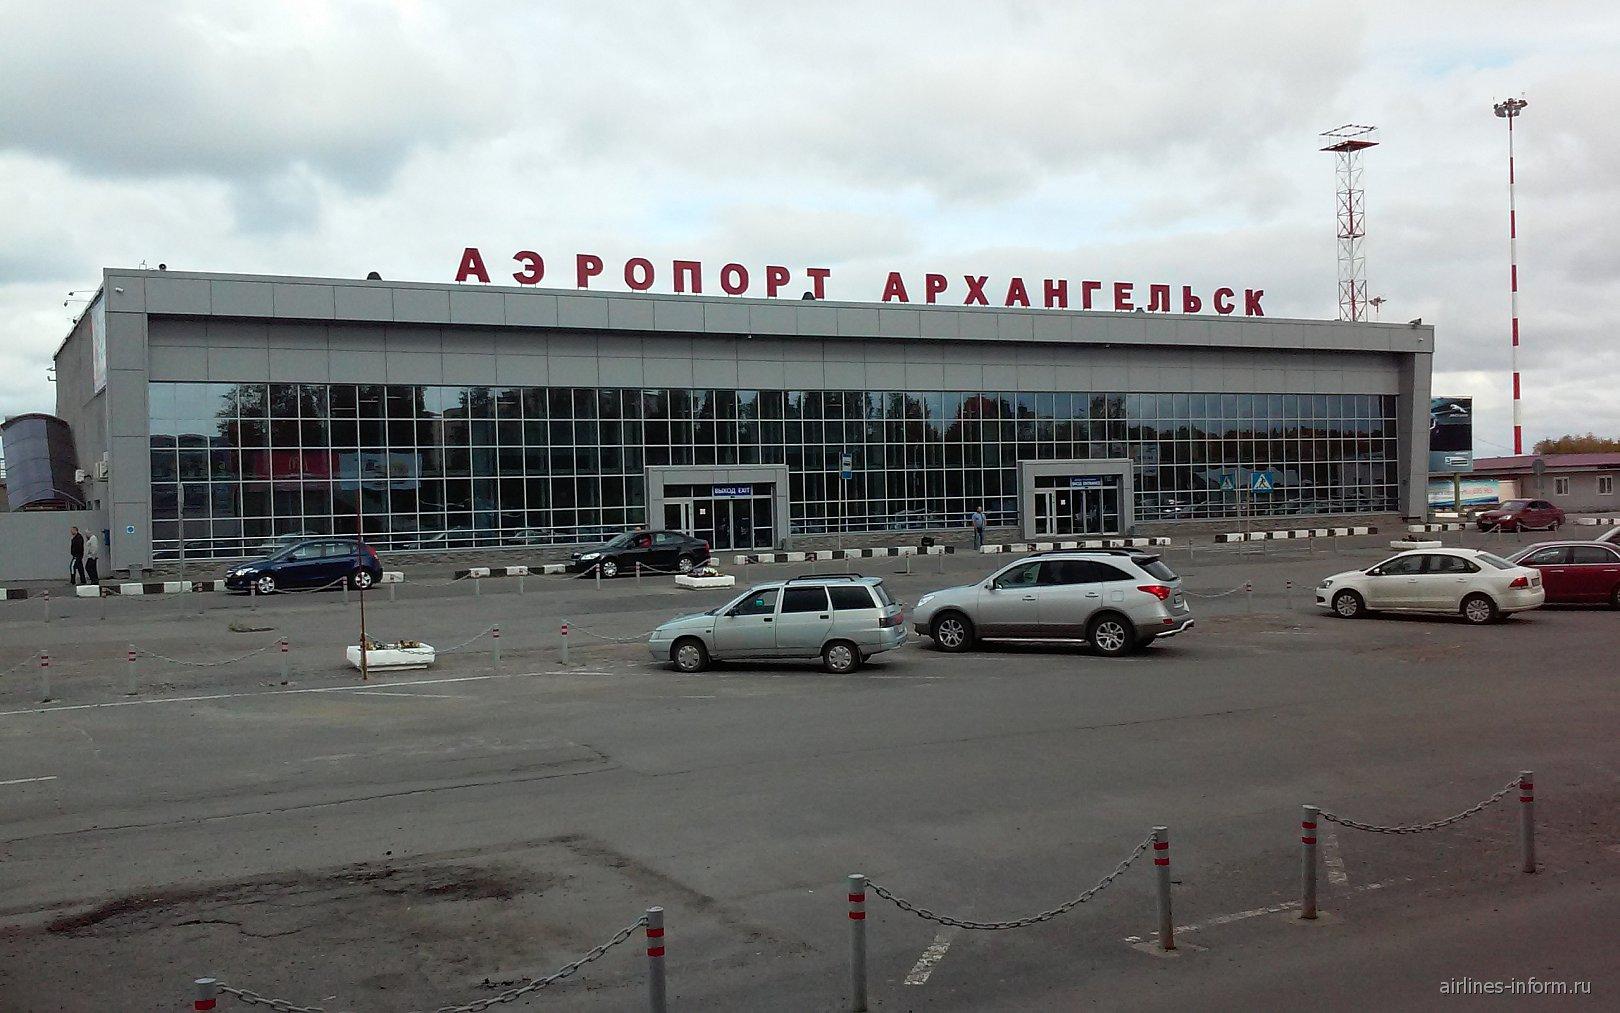 Терминал 1 внутренних рейсов аэропорта Архангельск Талаги